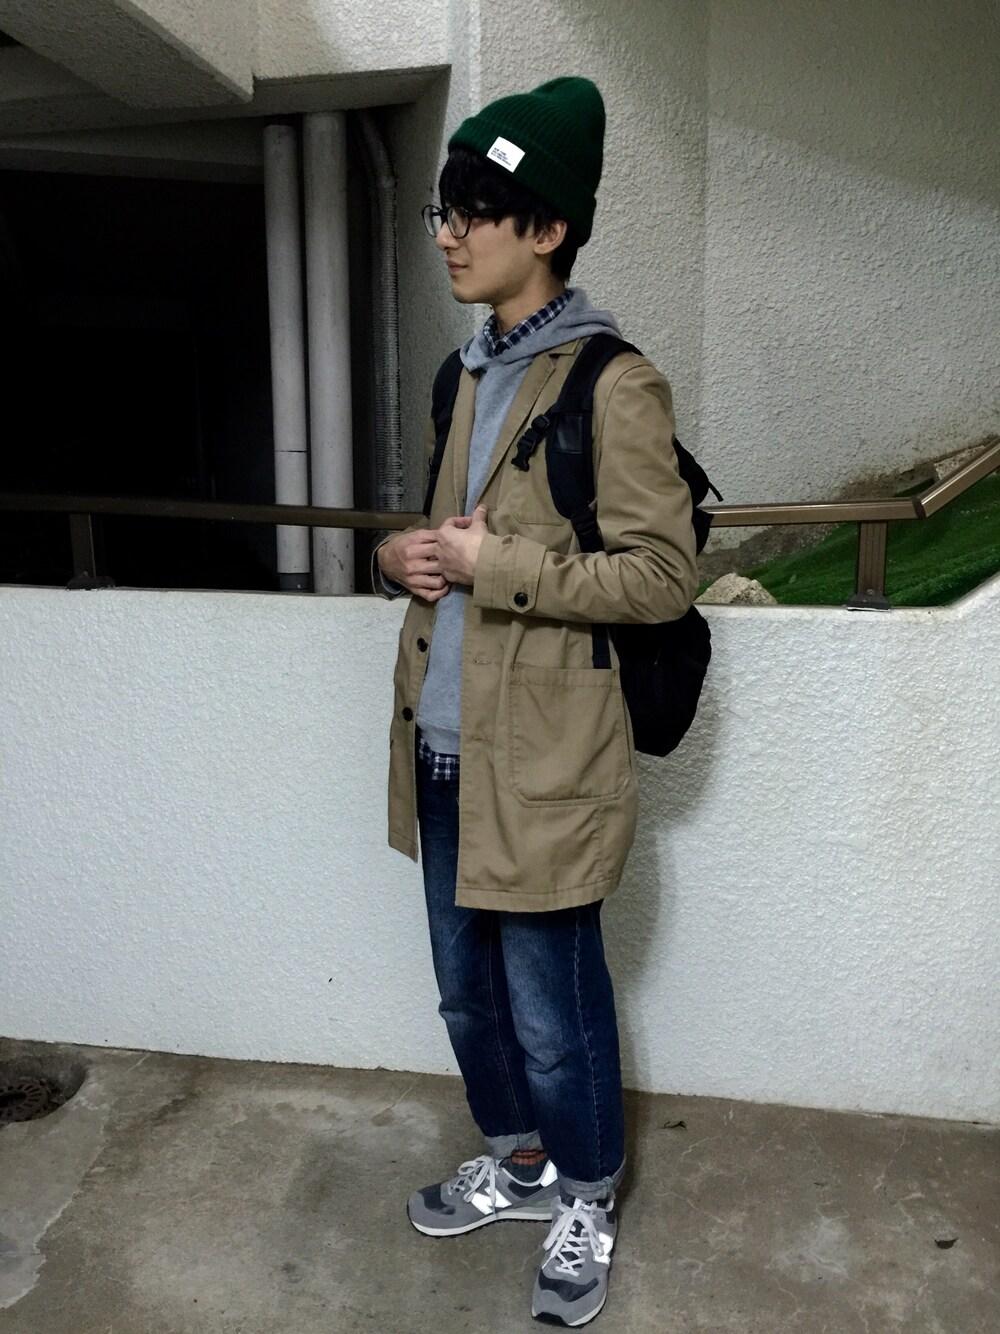 おっさん共よ、これが若者の最新ファッションだ!!m9(`・ω・´)